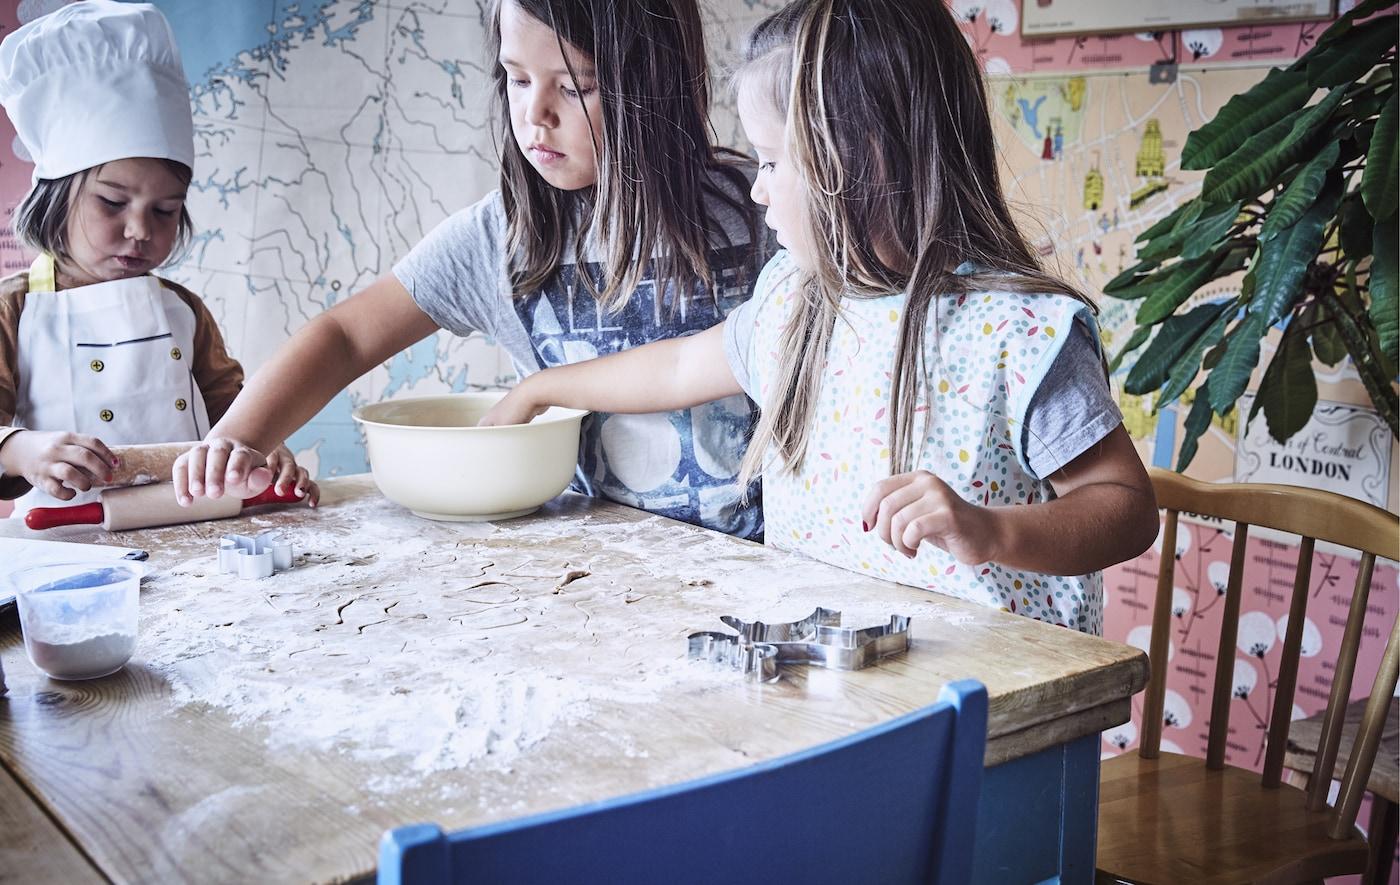 ثلاثة أطفال يقفون حول طاولة عليها دقيق، عجينة وأدوات خبز.